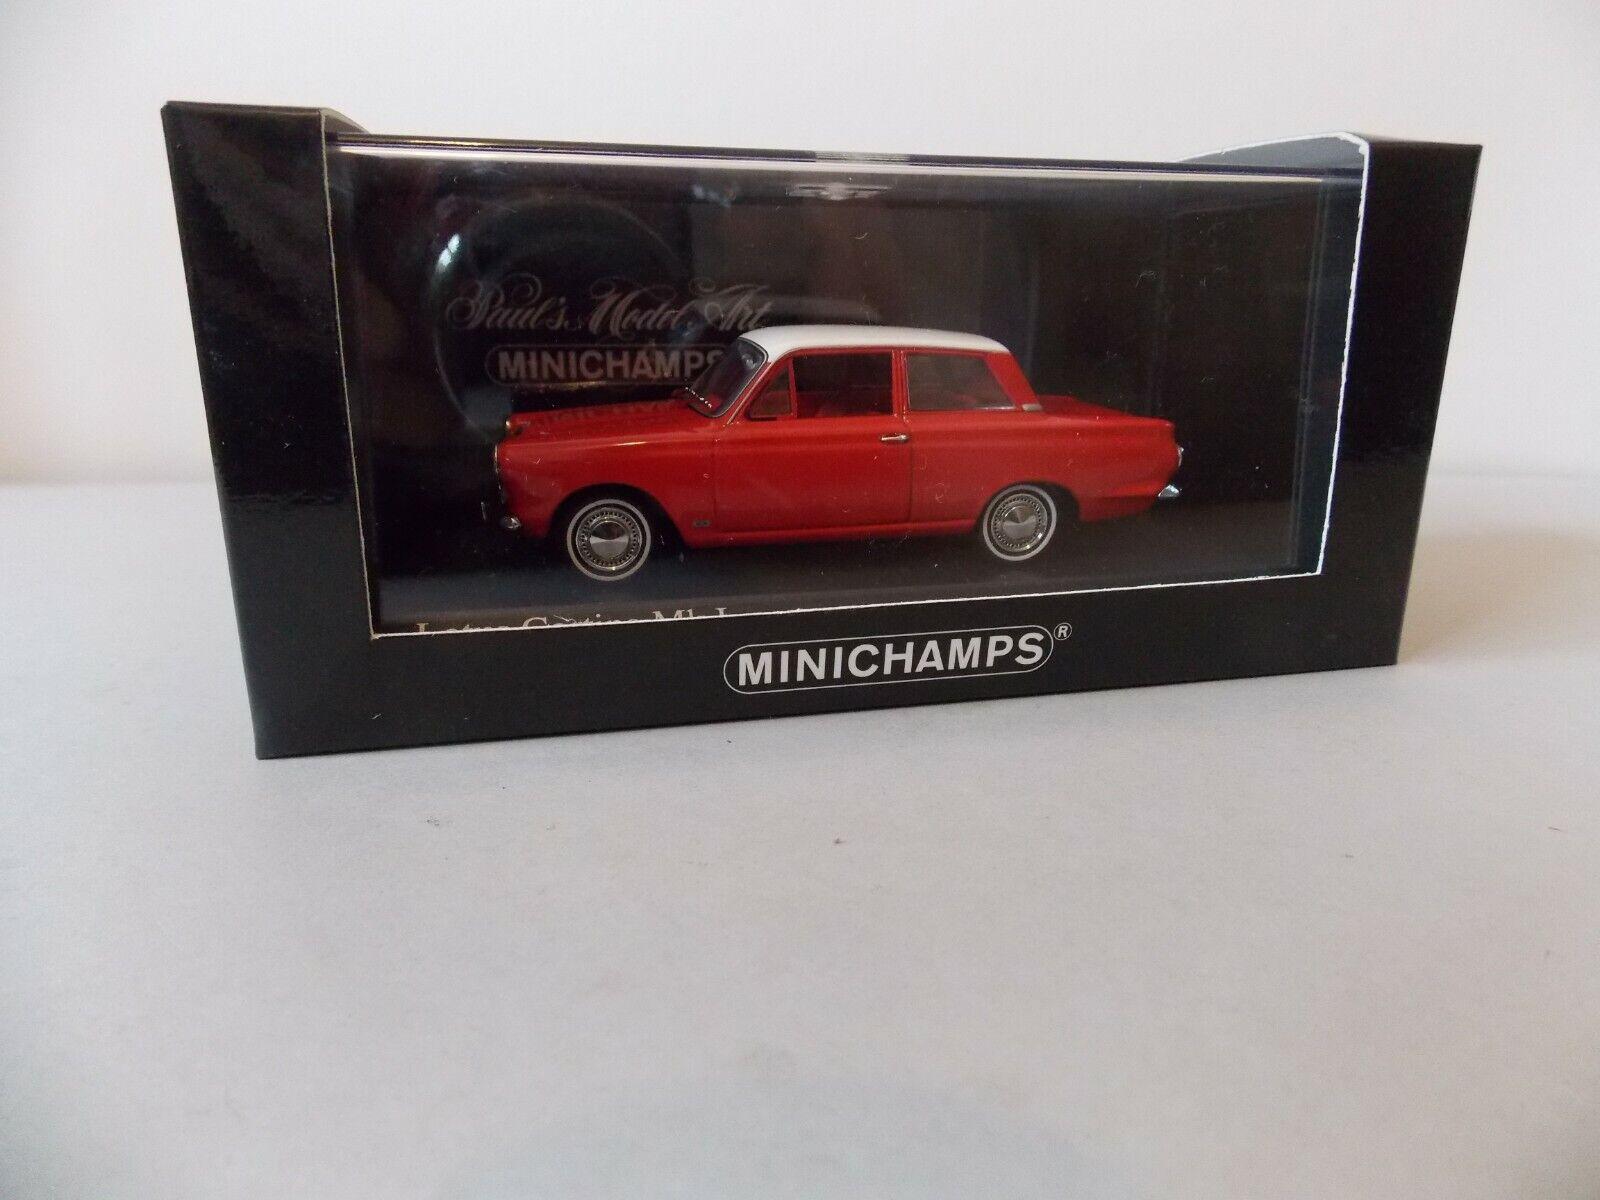 Minichamps Ford Cortina Mk1 en Rouge, Ltd  Edition 1 43 SCALE 400 082002  qualité de première classe